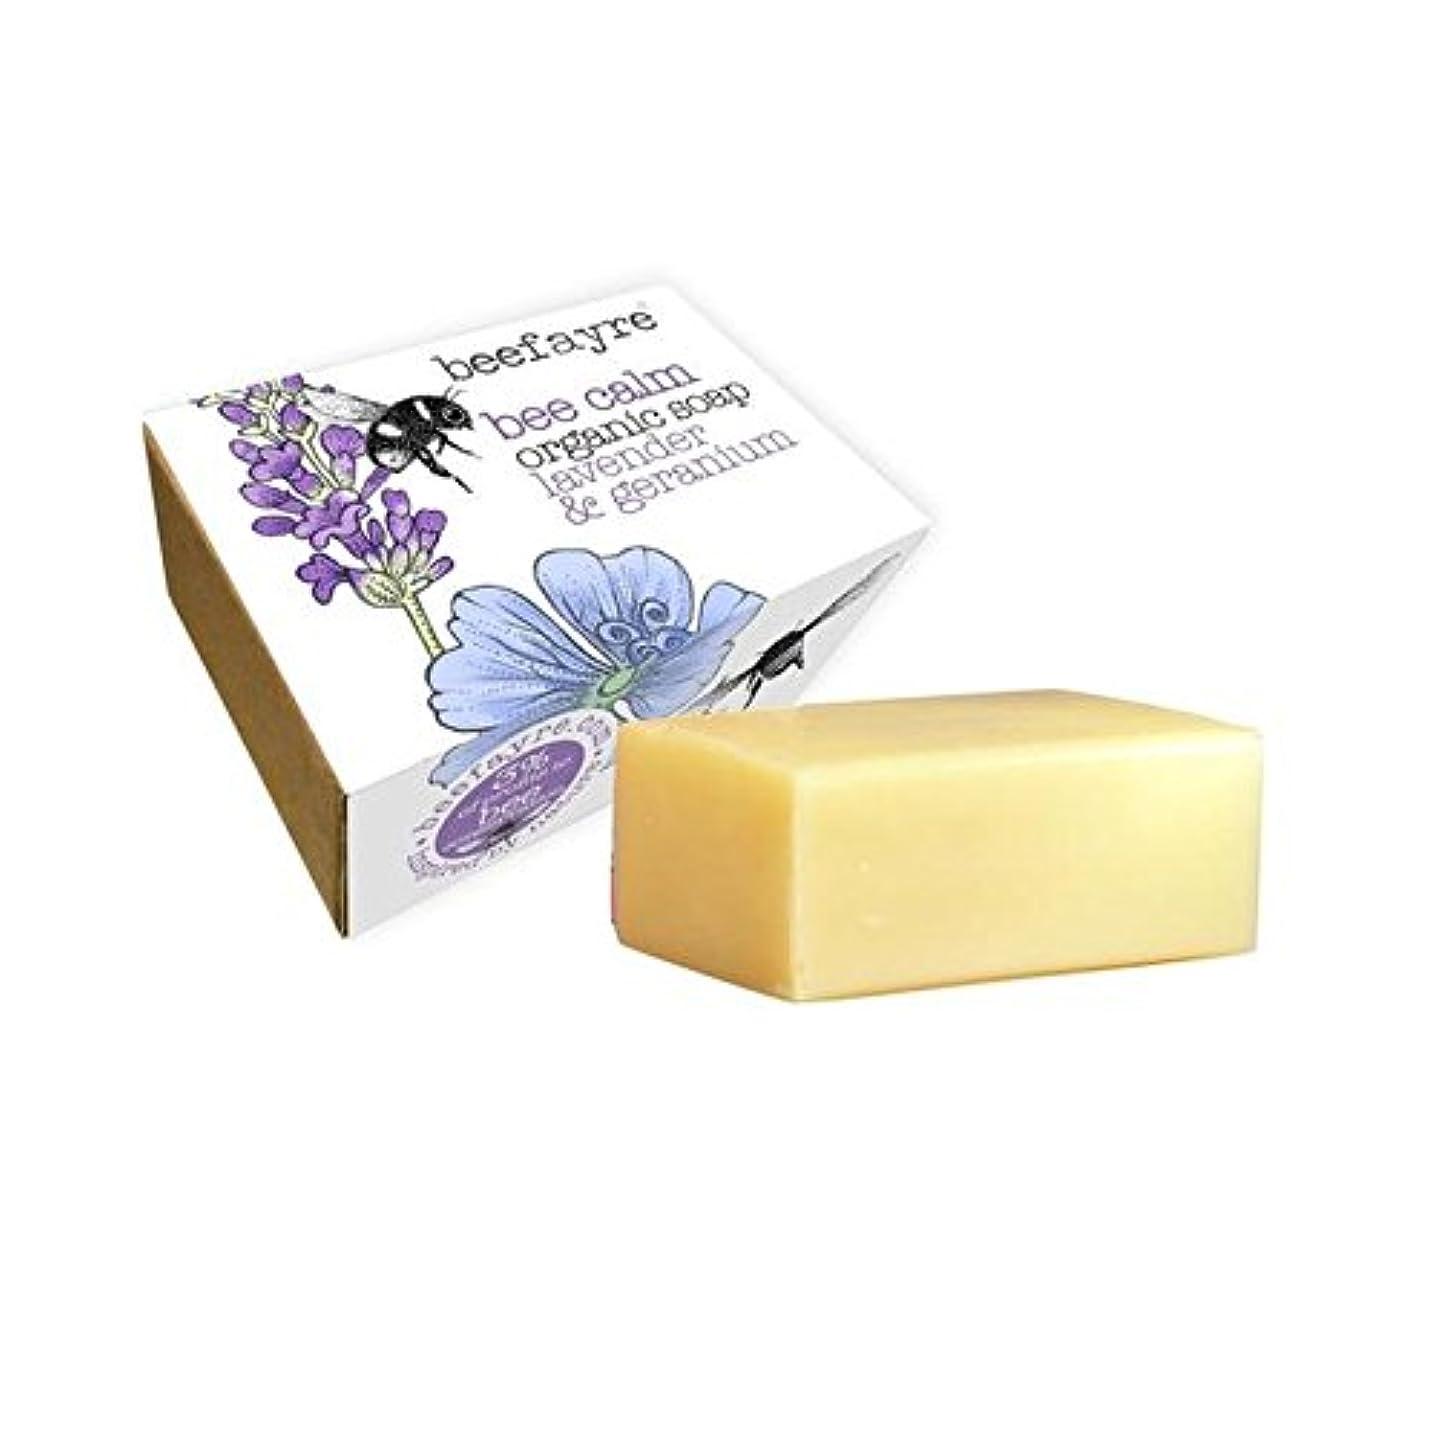 雑多な安西一貫性のないBeefayre Organic Geranium & Lavender Soap - 有機ゼラニウム&ラベンダー石鹸 [並行輸入品]